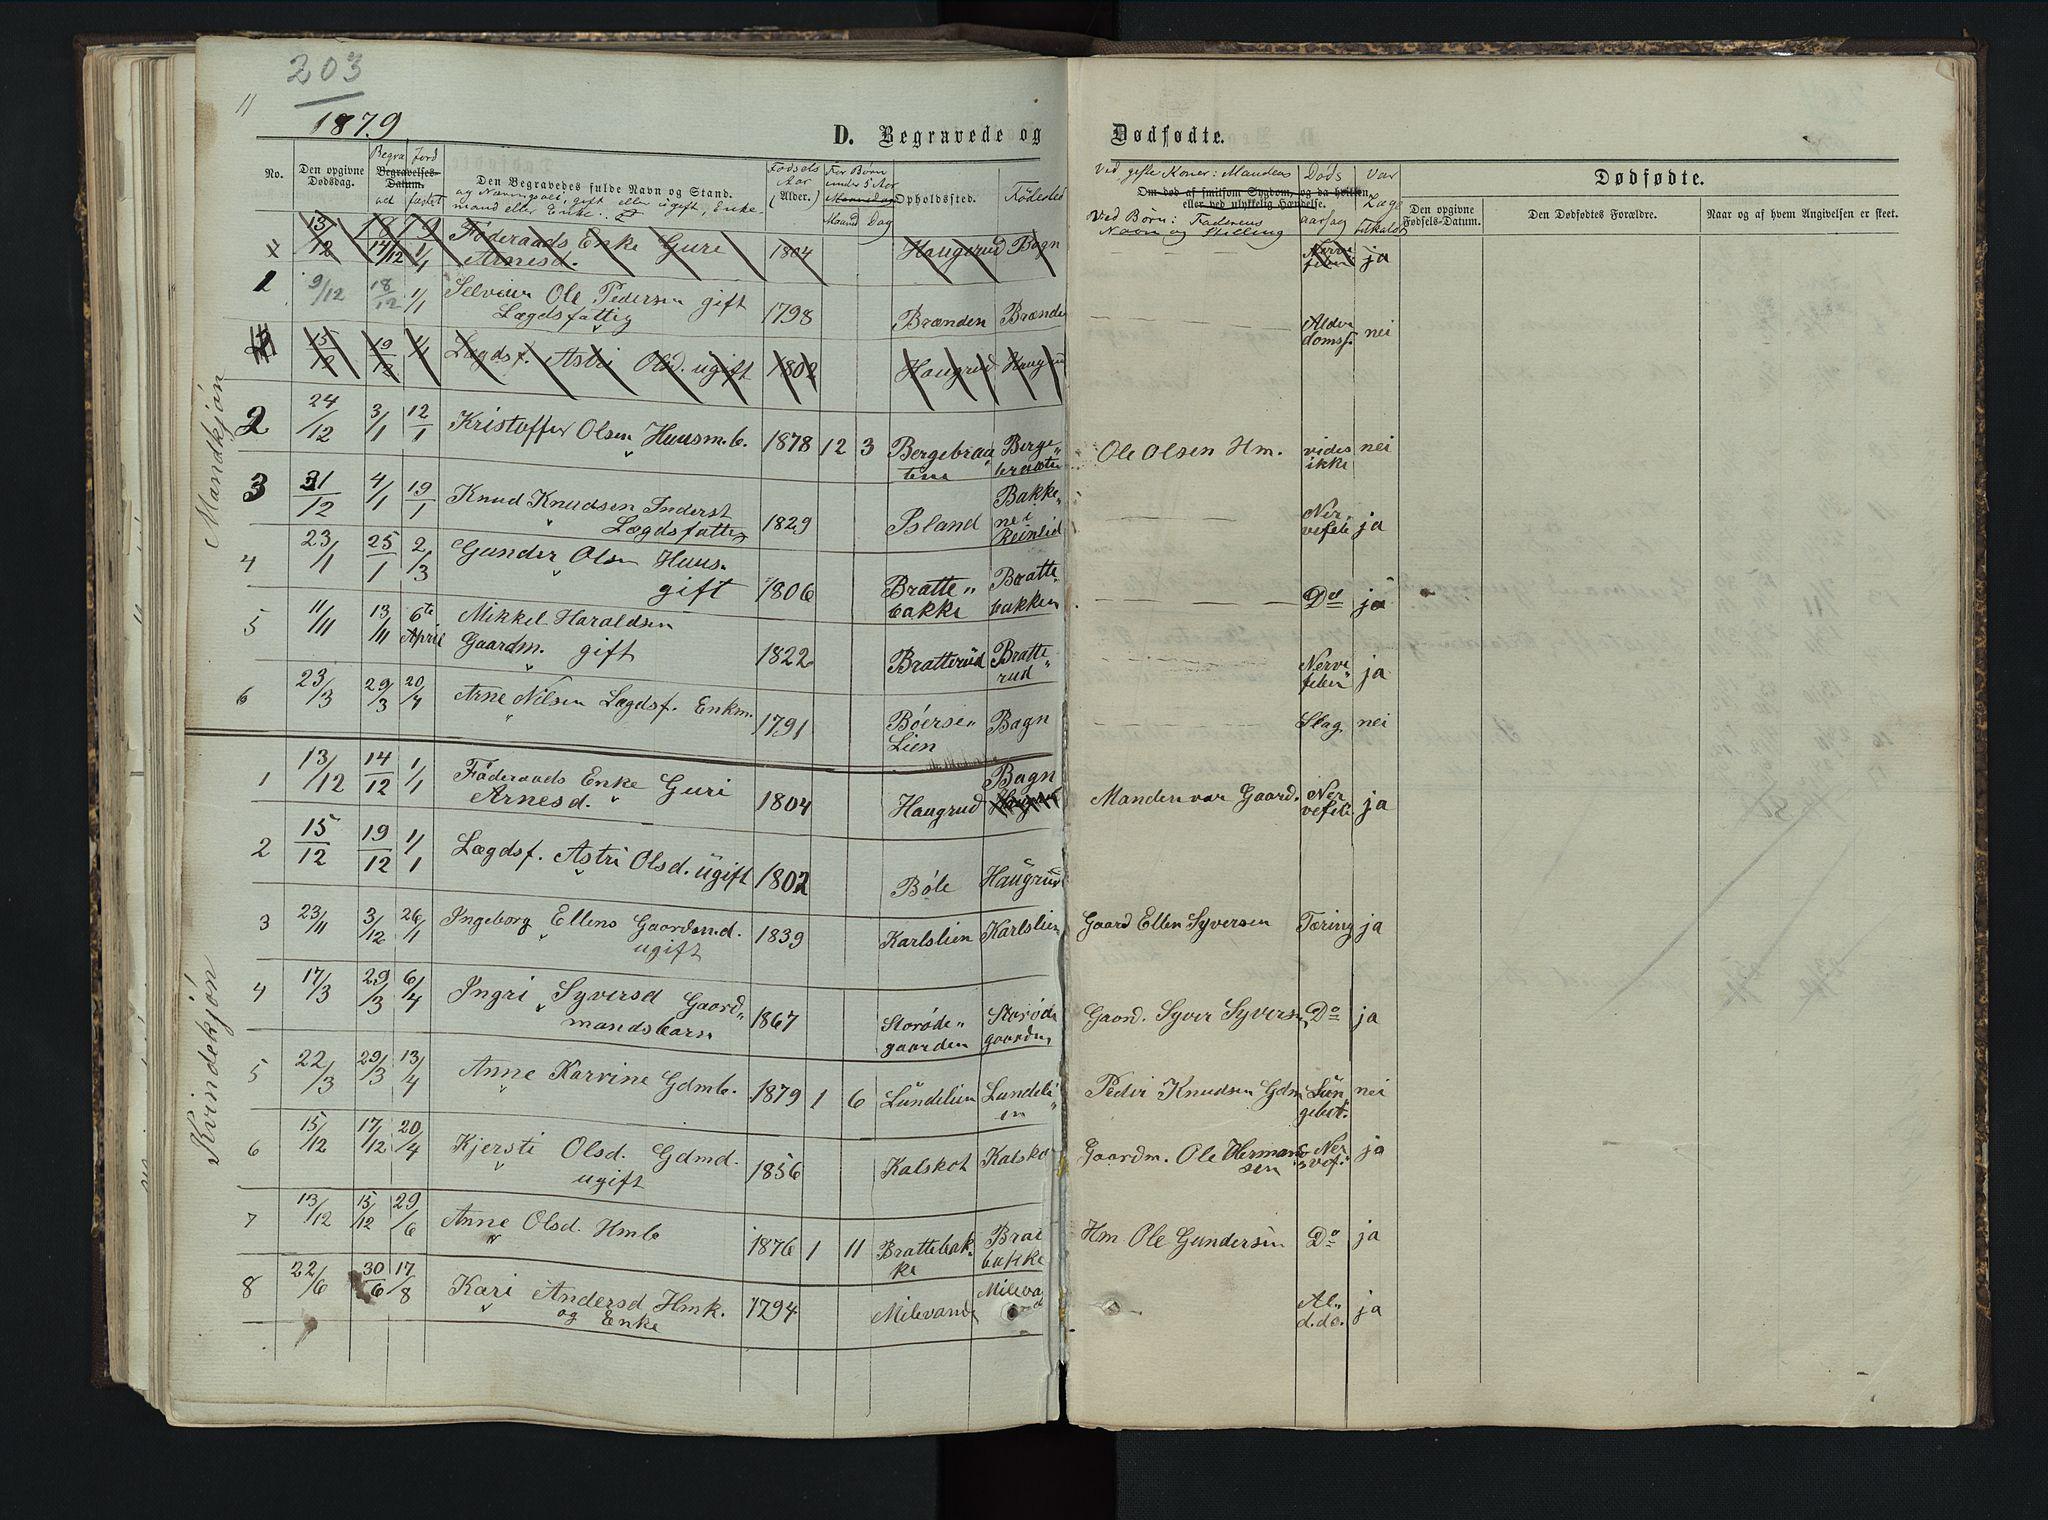 SAH, Sør-Aurdal prestekontor, Klokkerbok nr. 5, 1866-1893, s. 203